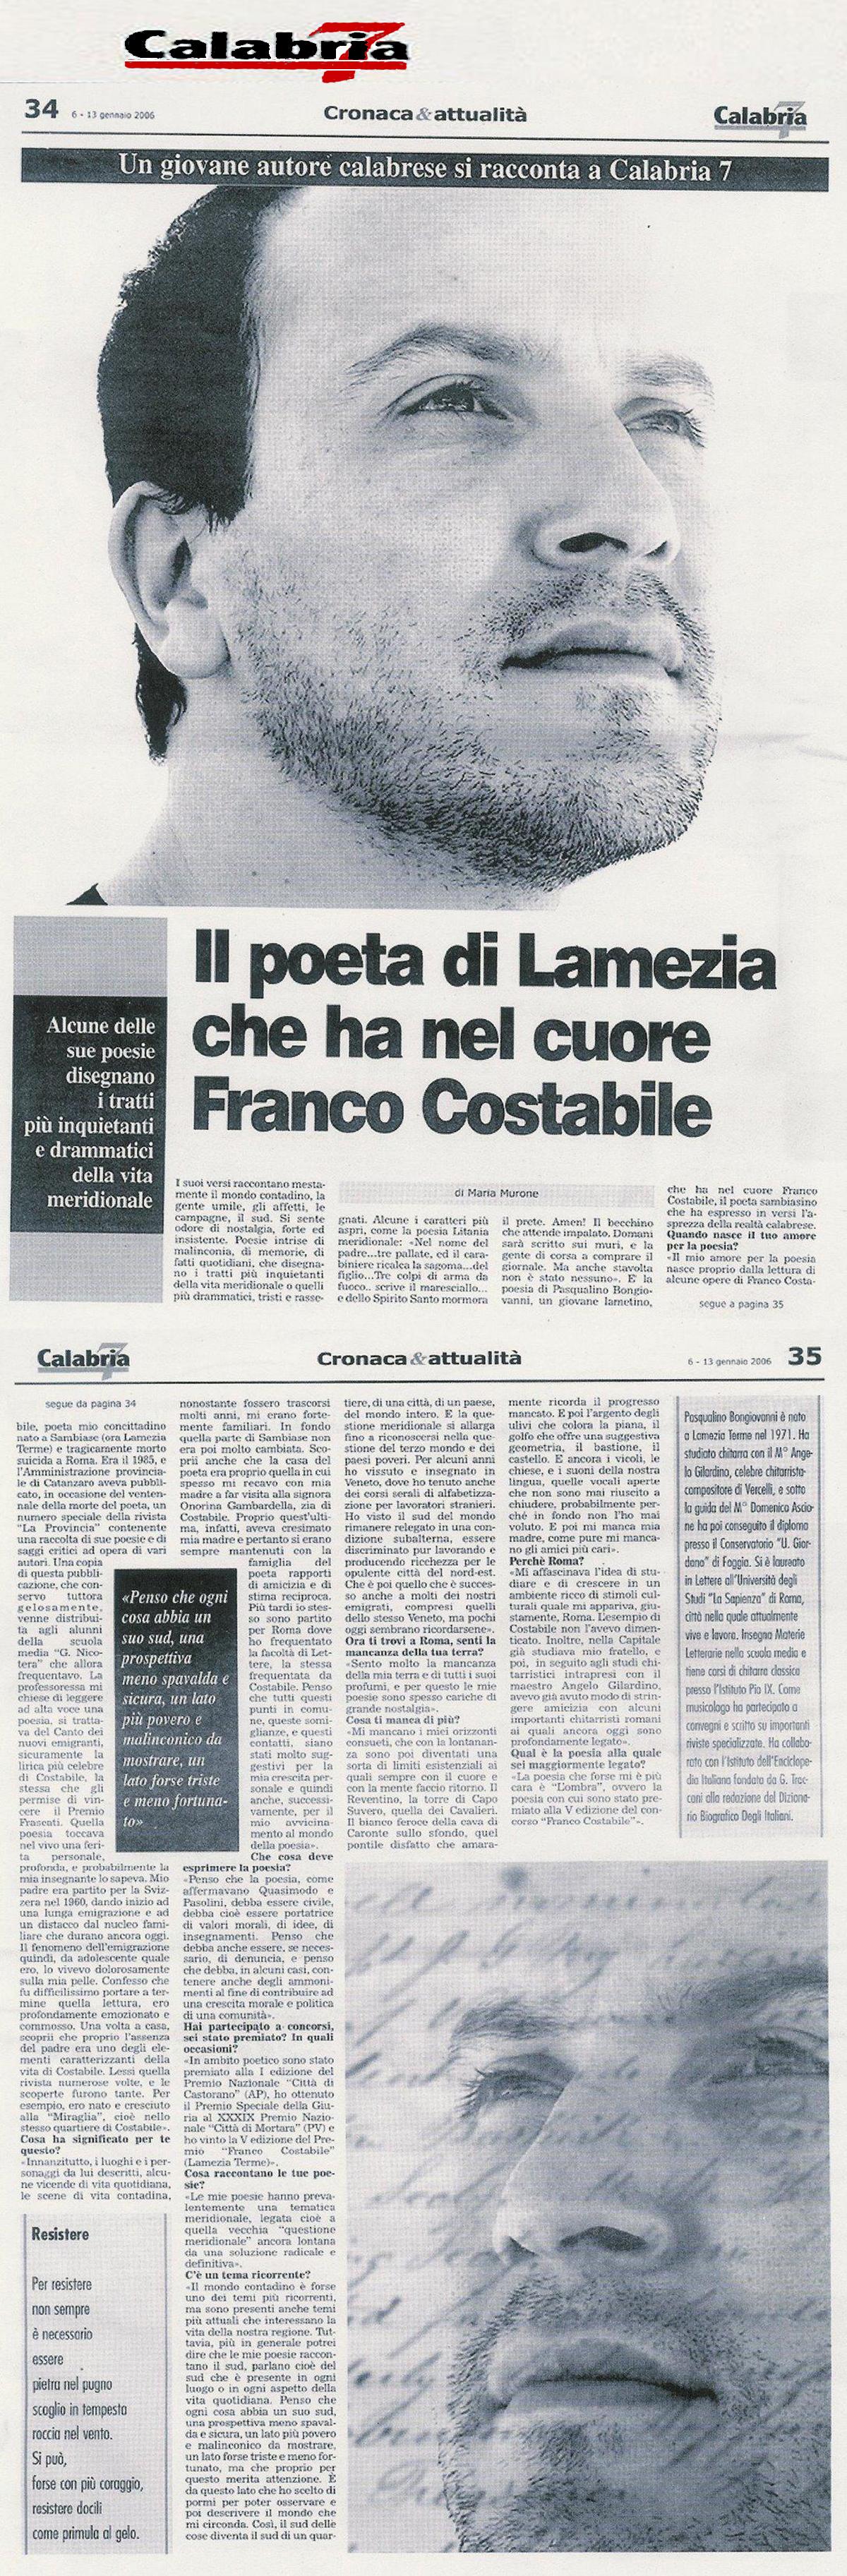 Calabria 7 intervista completa